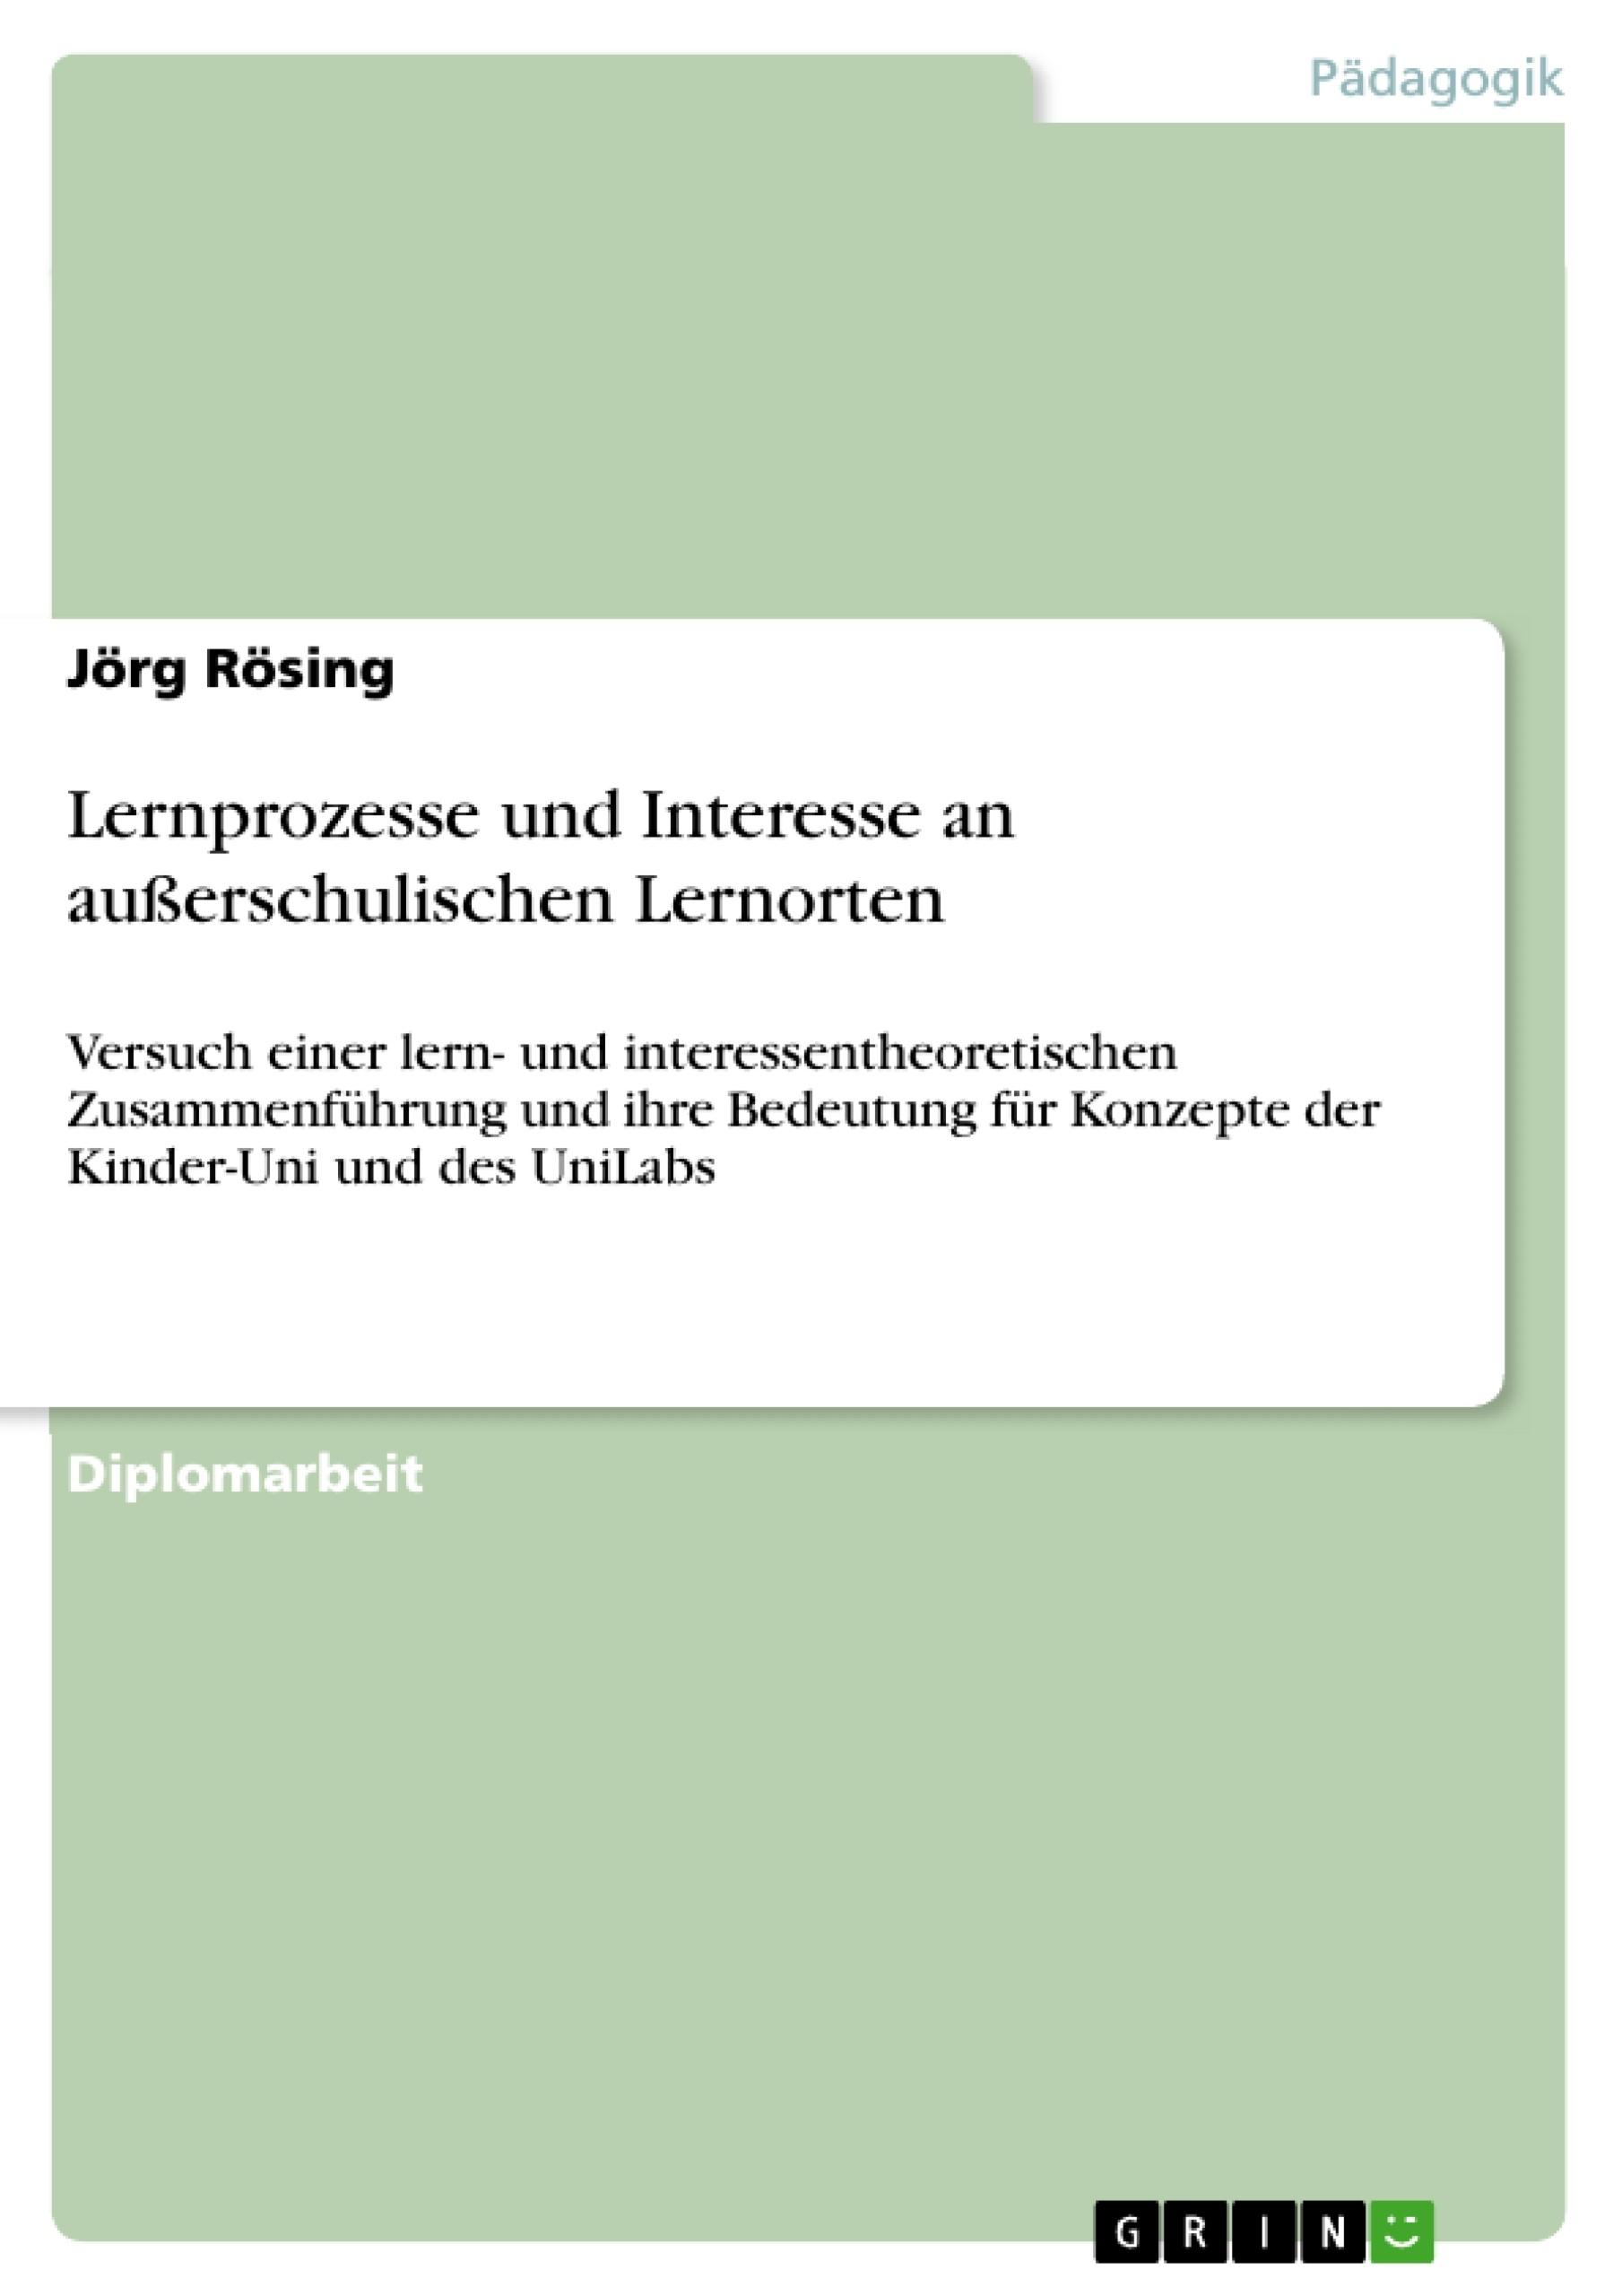 Titel: Lernprozesse und Interesse an außerschulischen Lernorten